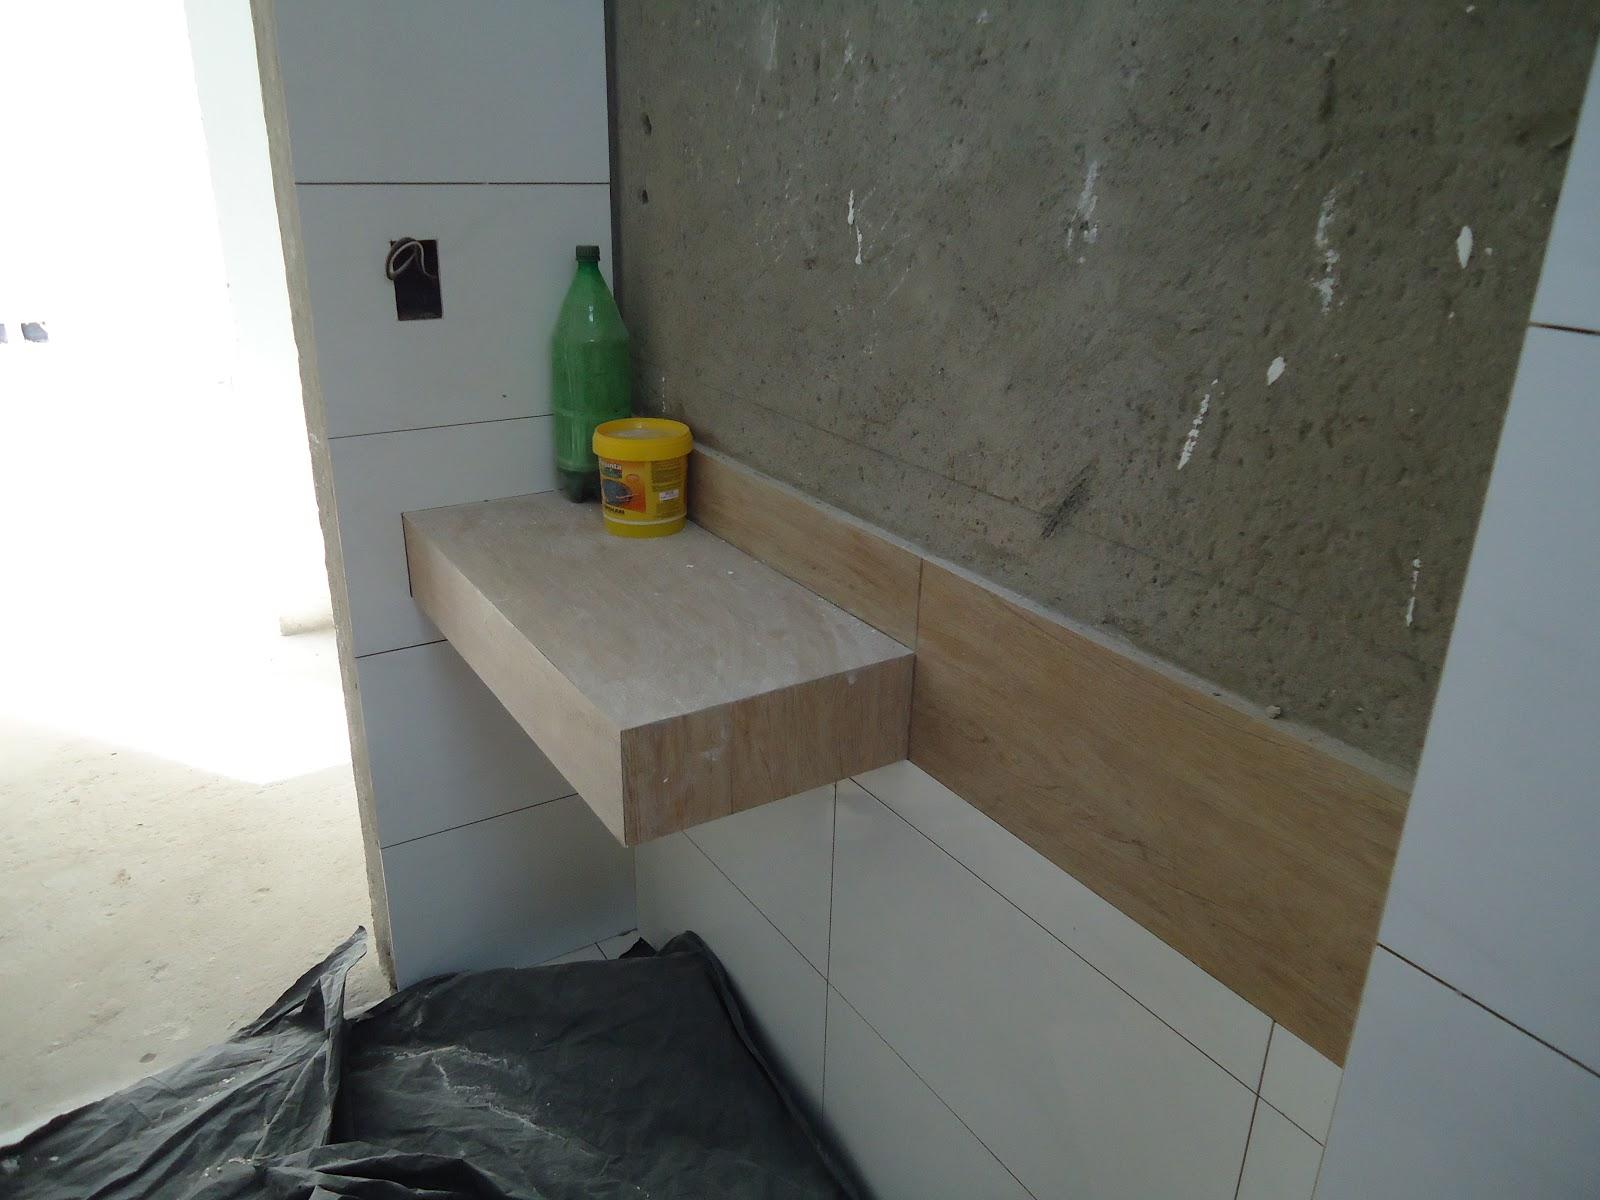 Bancada em porcelanato de madeira o mesmo da parede  #5C4F3B 1600x1200 Banheiro Bancada Porcelanato